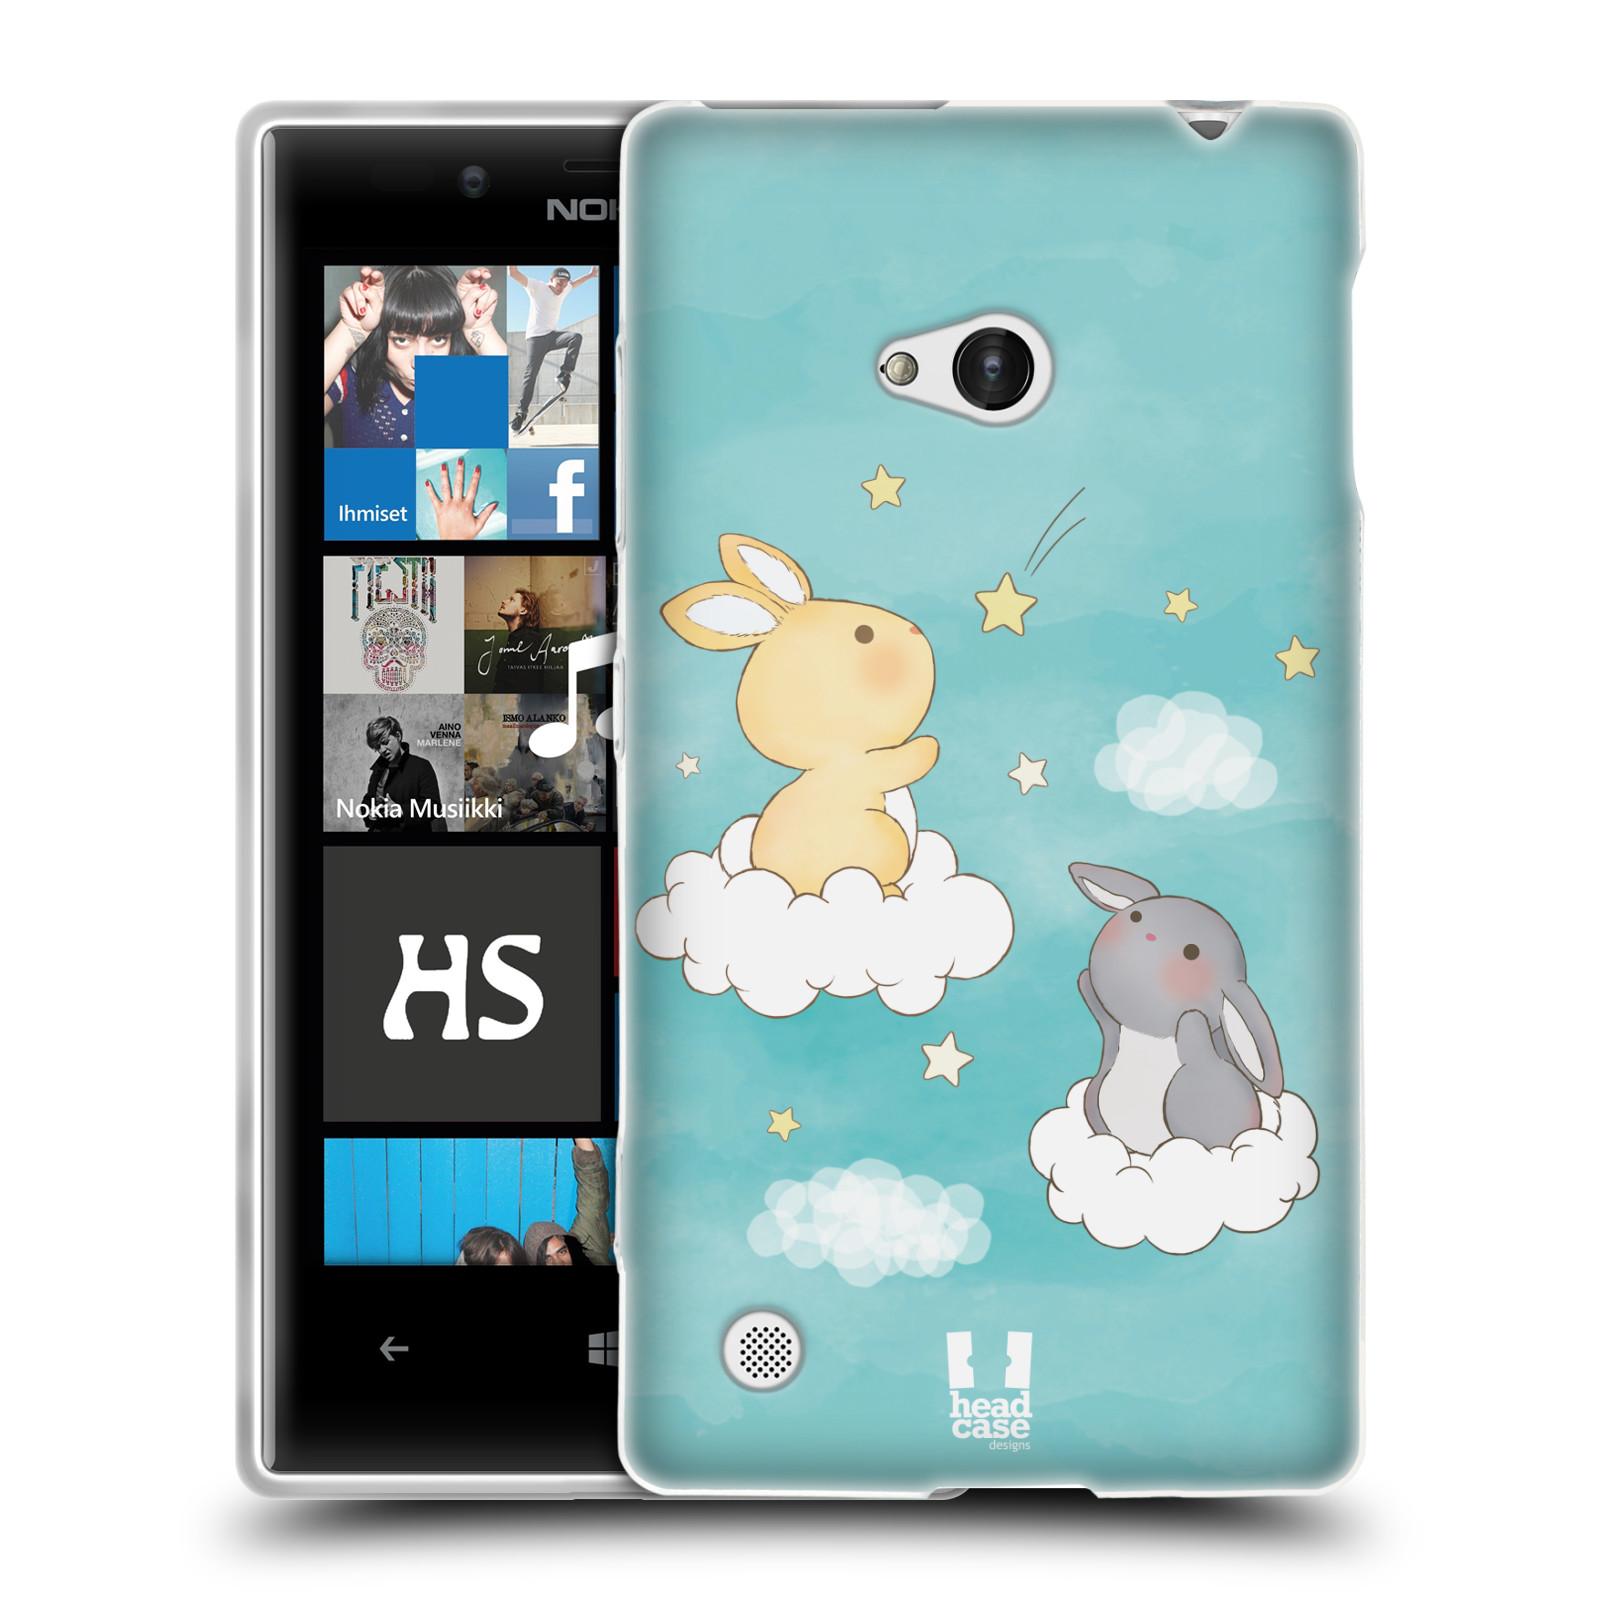 HEAD CASE silikonový obal na mobil NOKIA Lumia 720 vzor králíček a hvězdy modrá